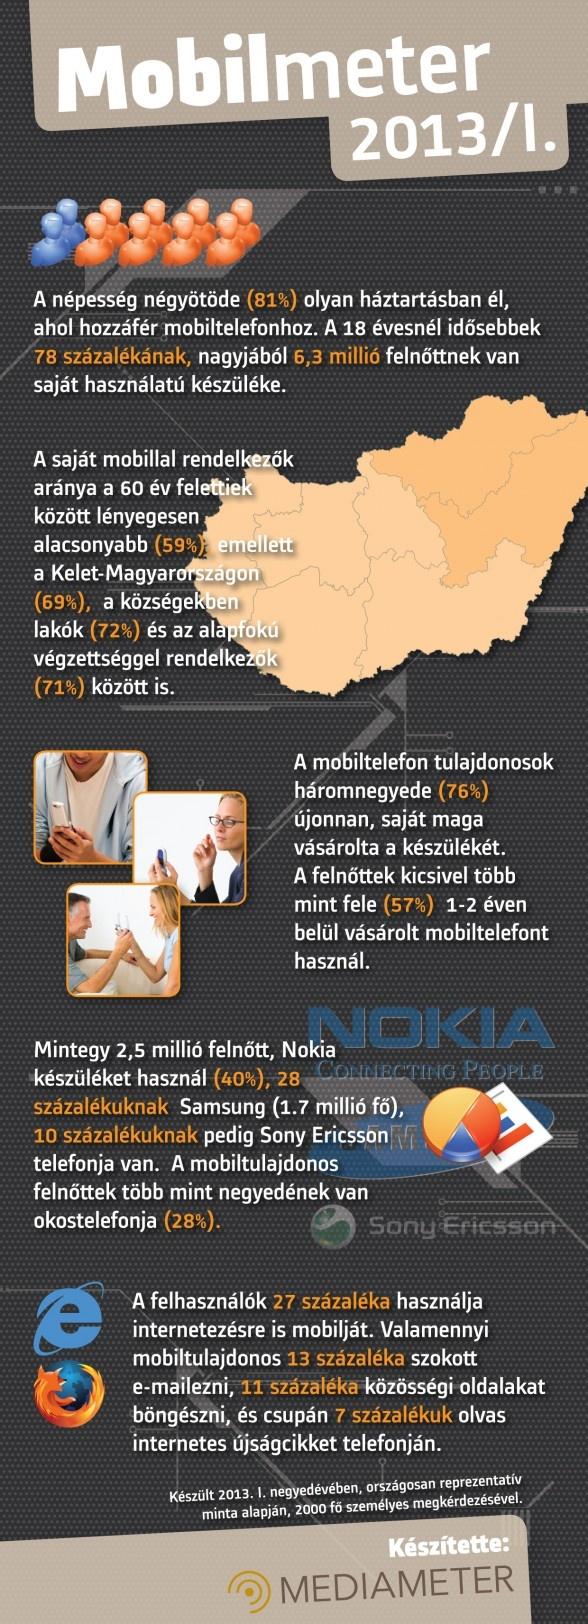 23 best Infografikák magyarul images on Pinterest | Infographic ...